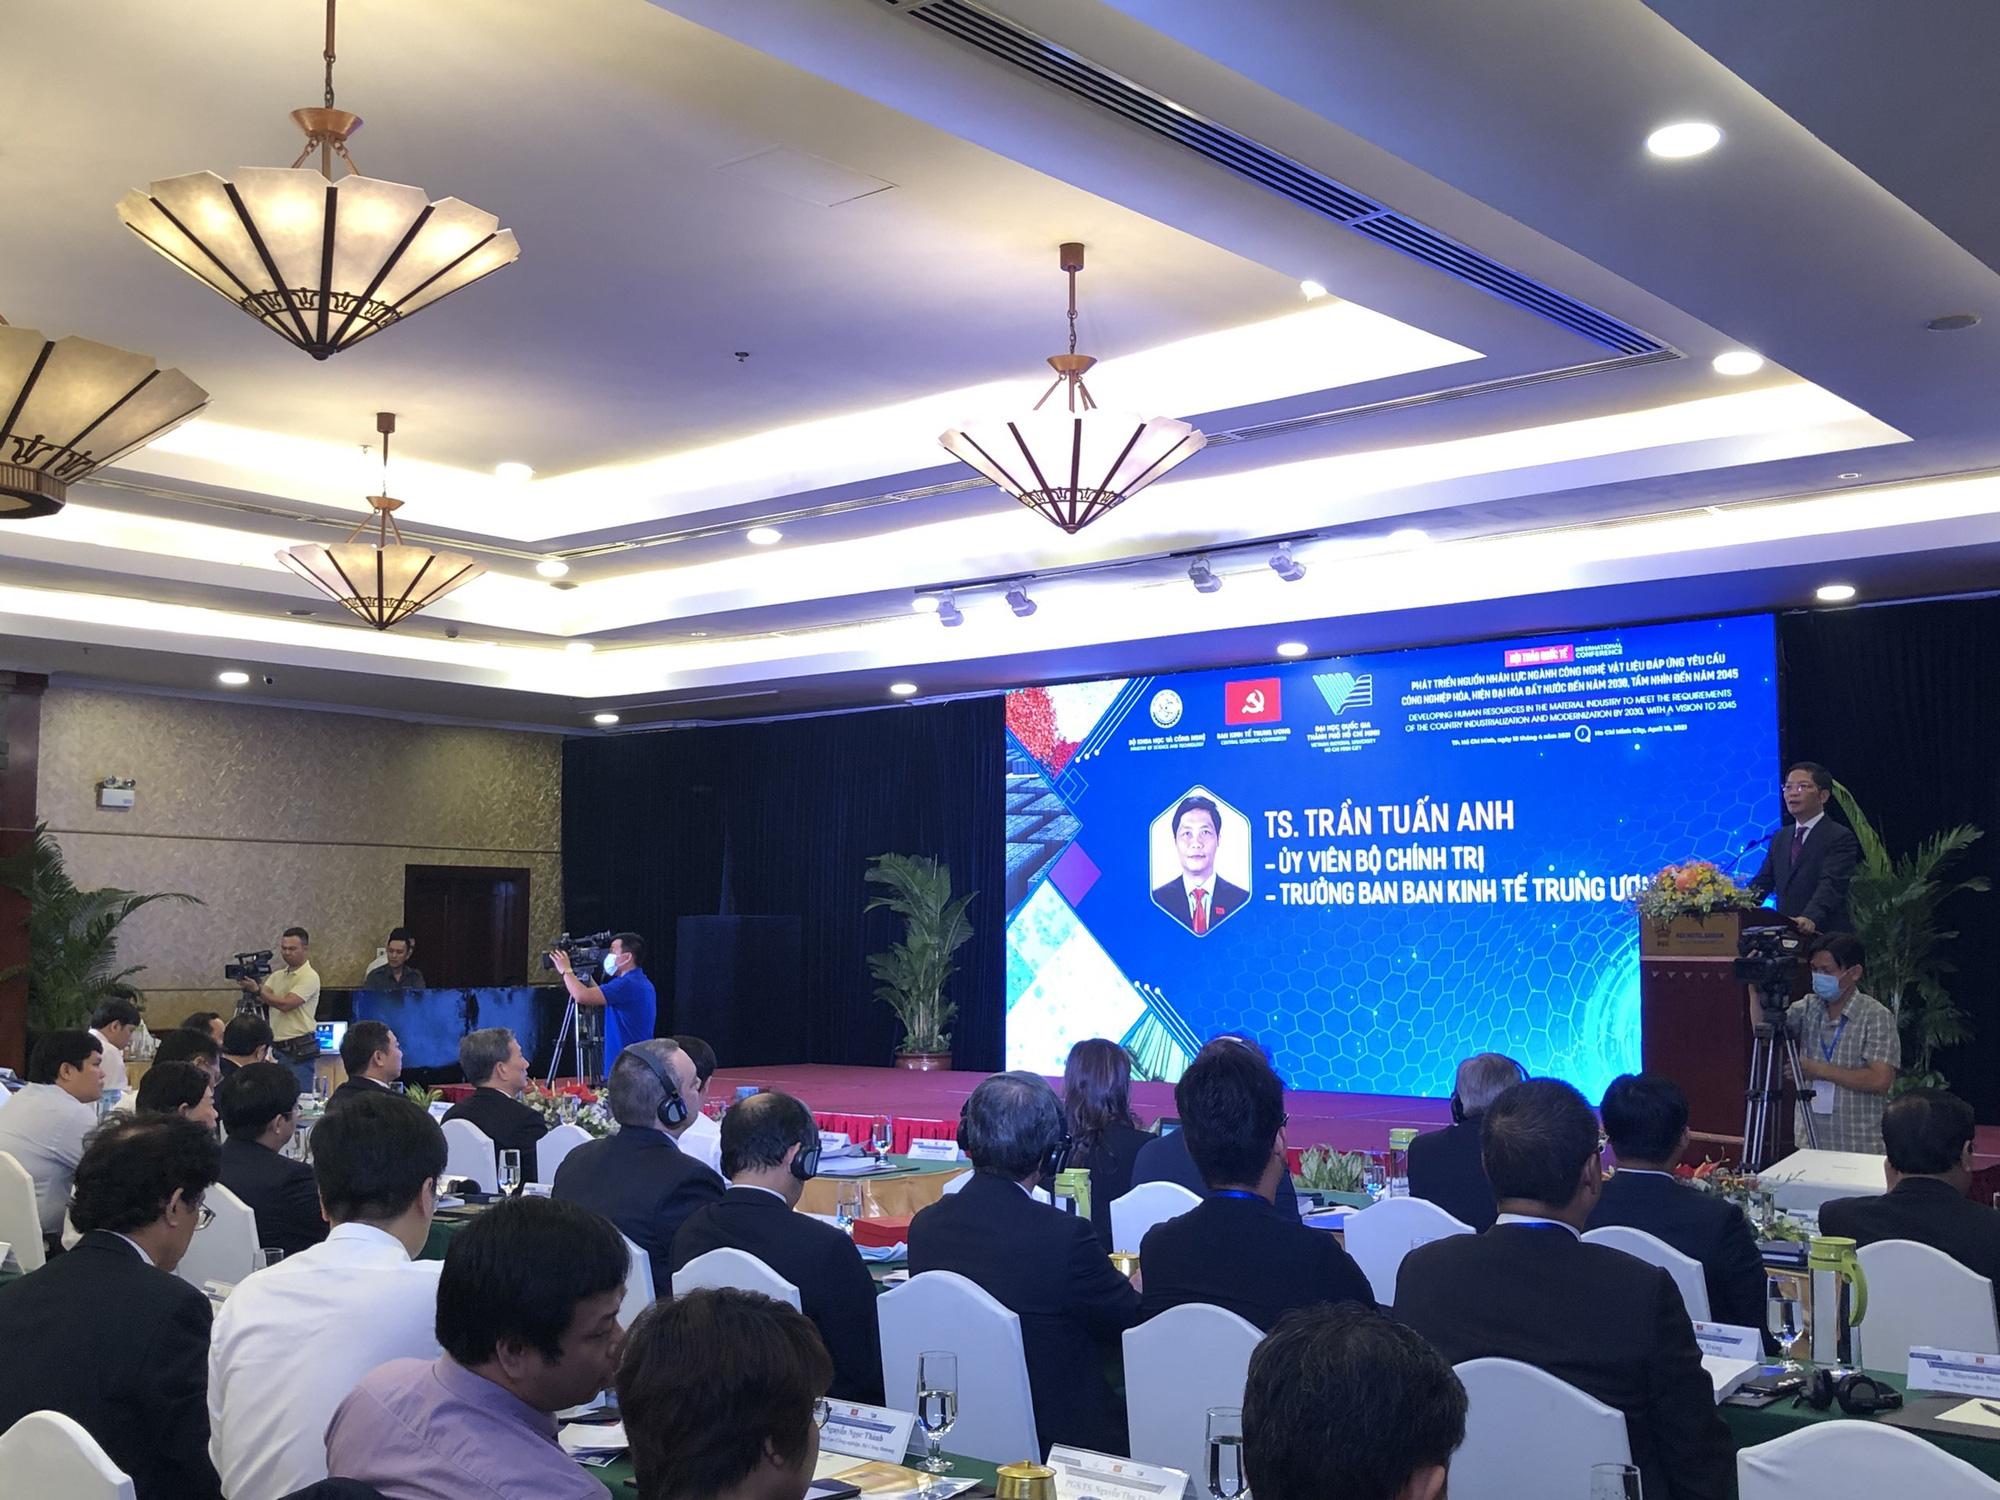 Nhân lực của ngành công nghiệp vật liệu Việt Nam còn thiếu và yếu - Ảnh 2.